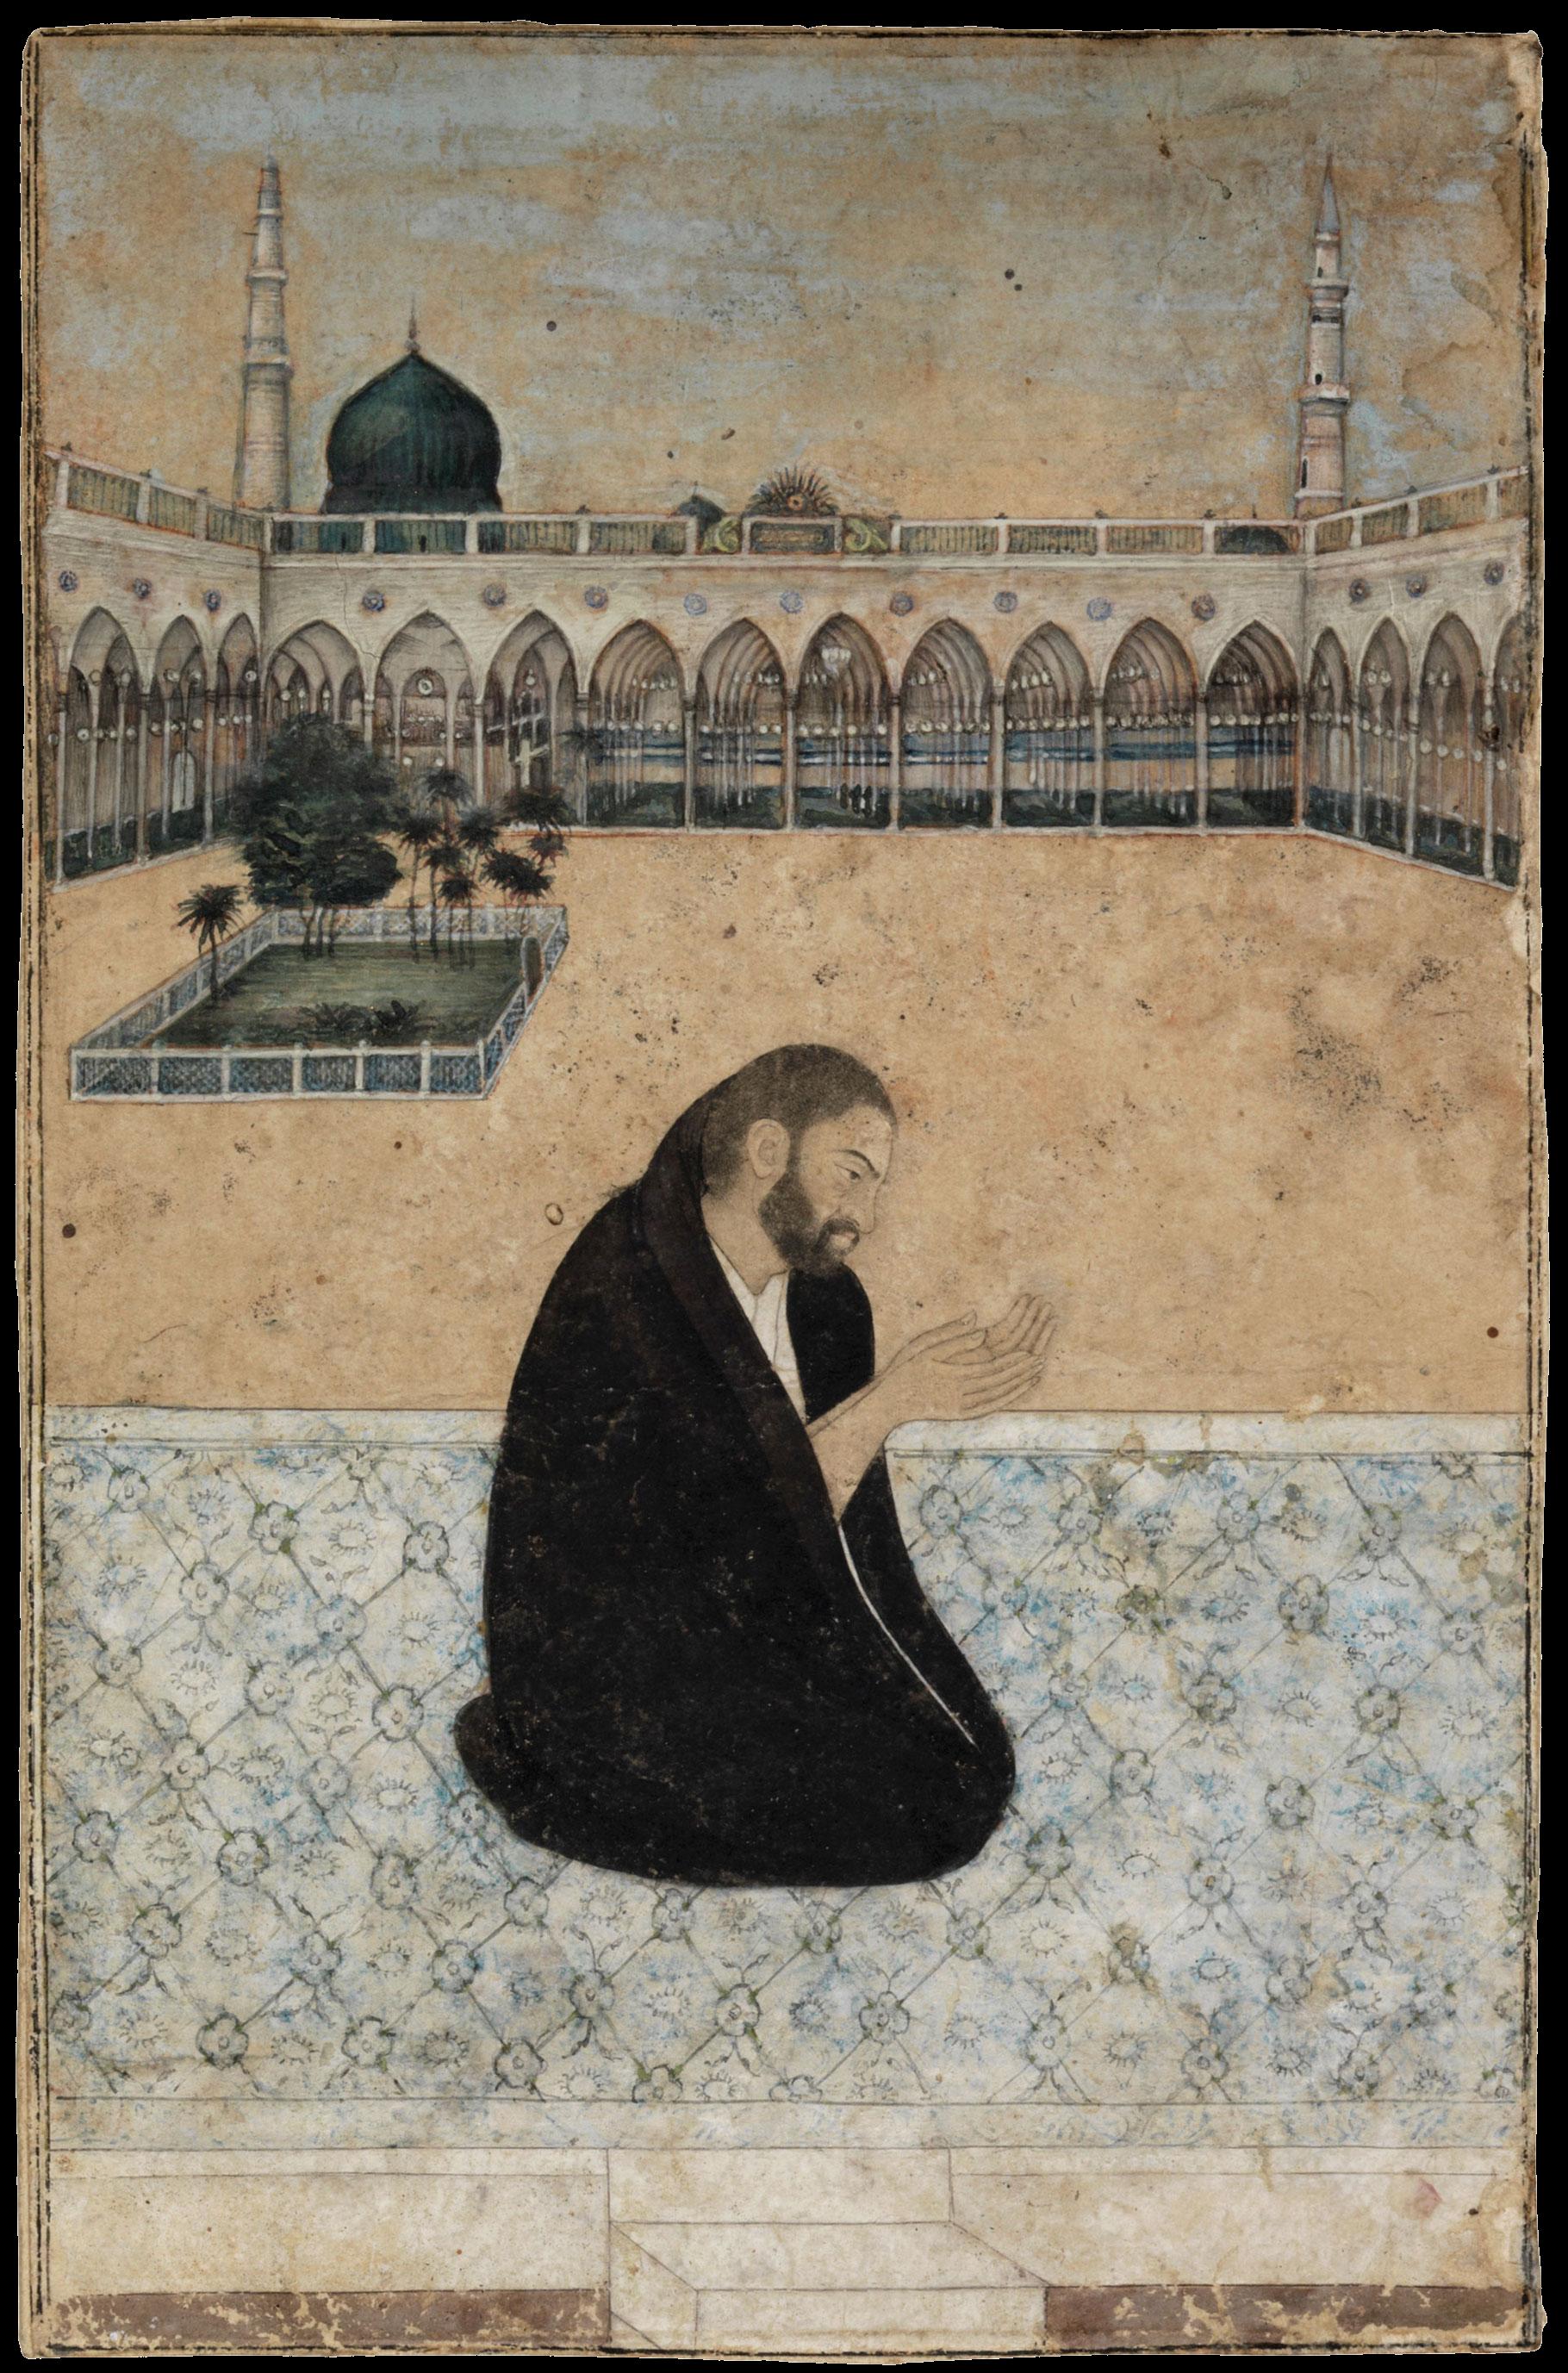 An illustration of the Sufi saint Mian Mir praying at Medina